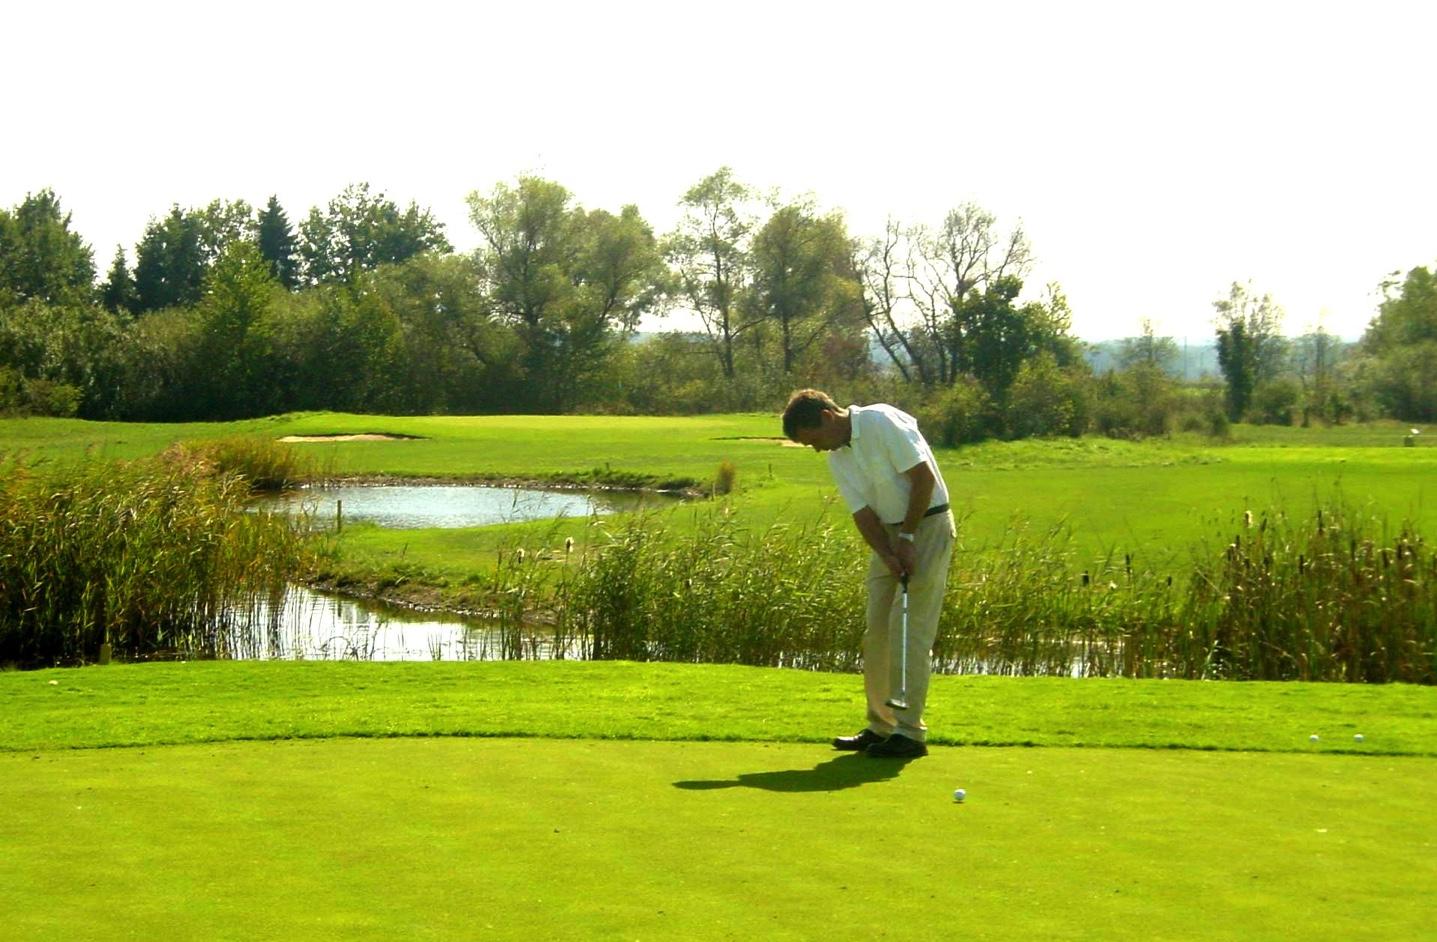 Golfspieler auf dem Grün vor dem Golfhotel in Bayern